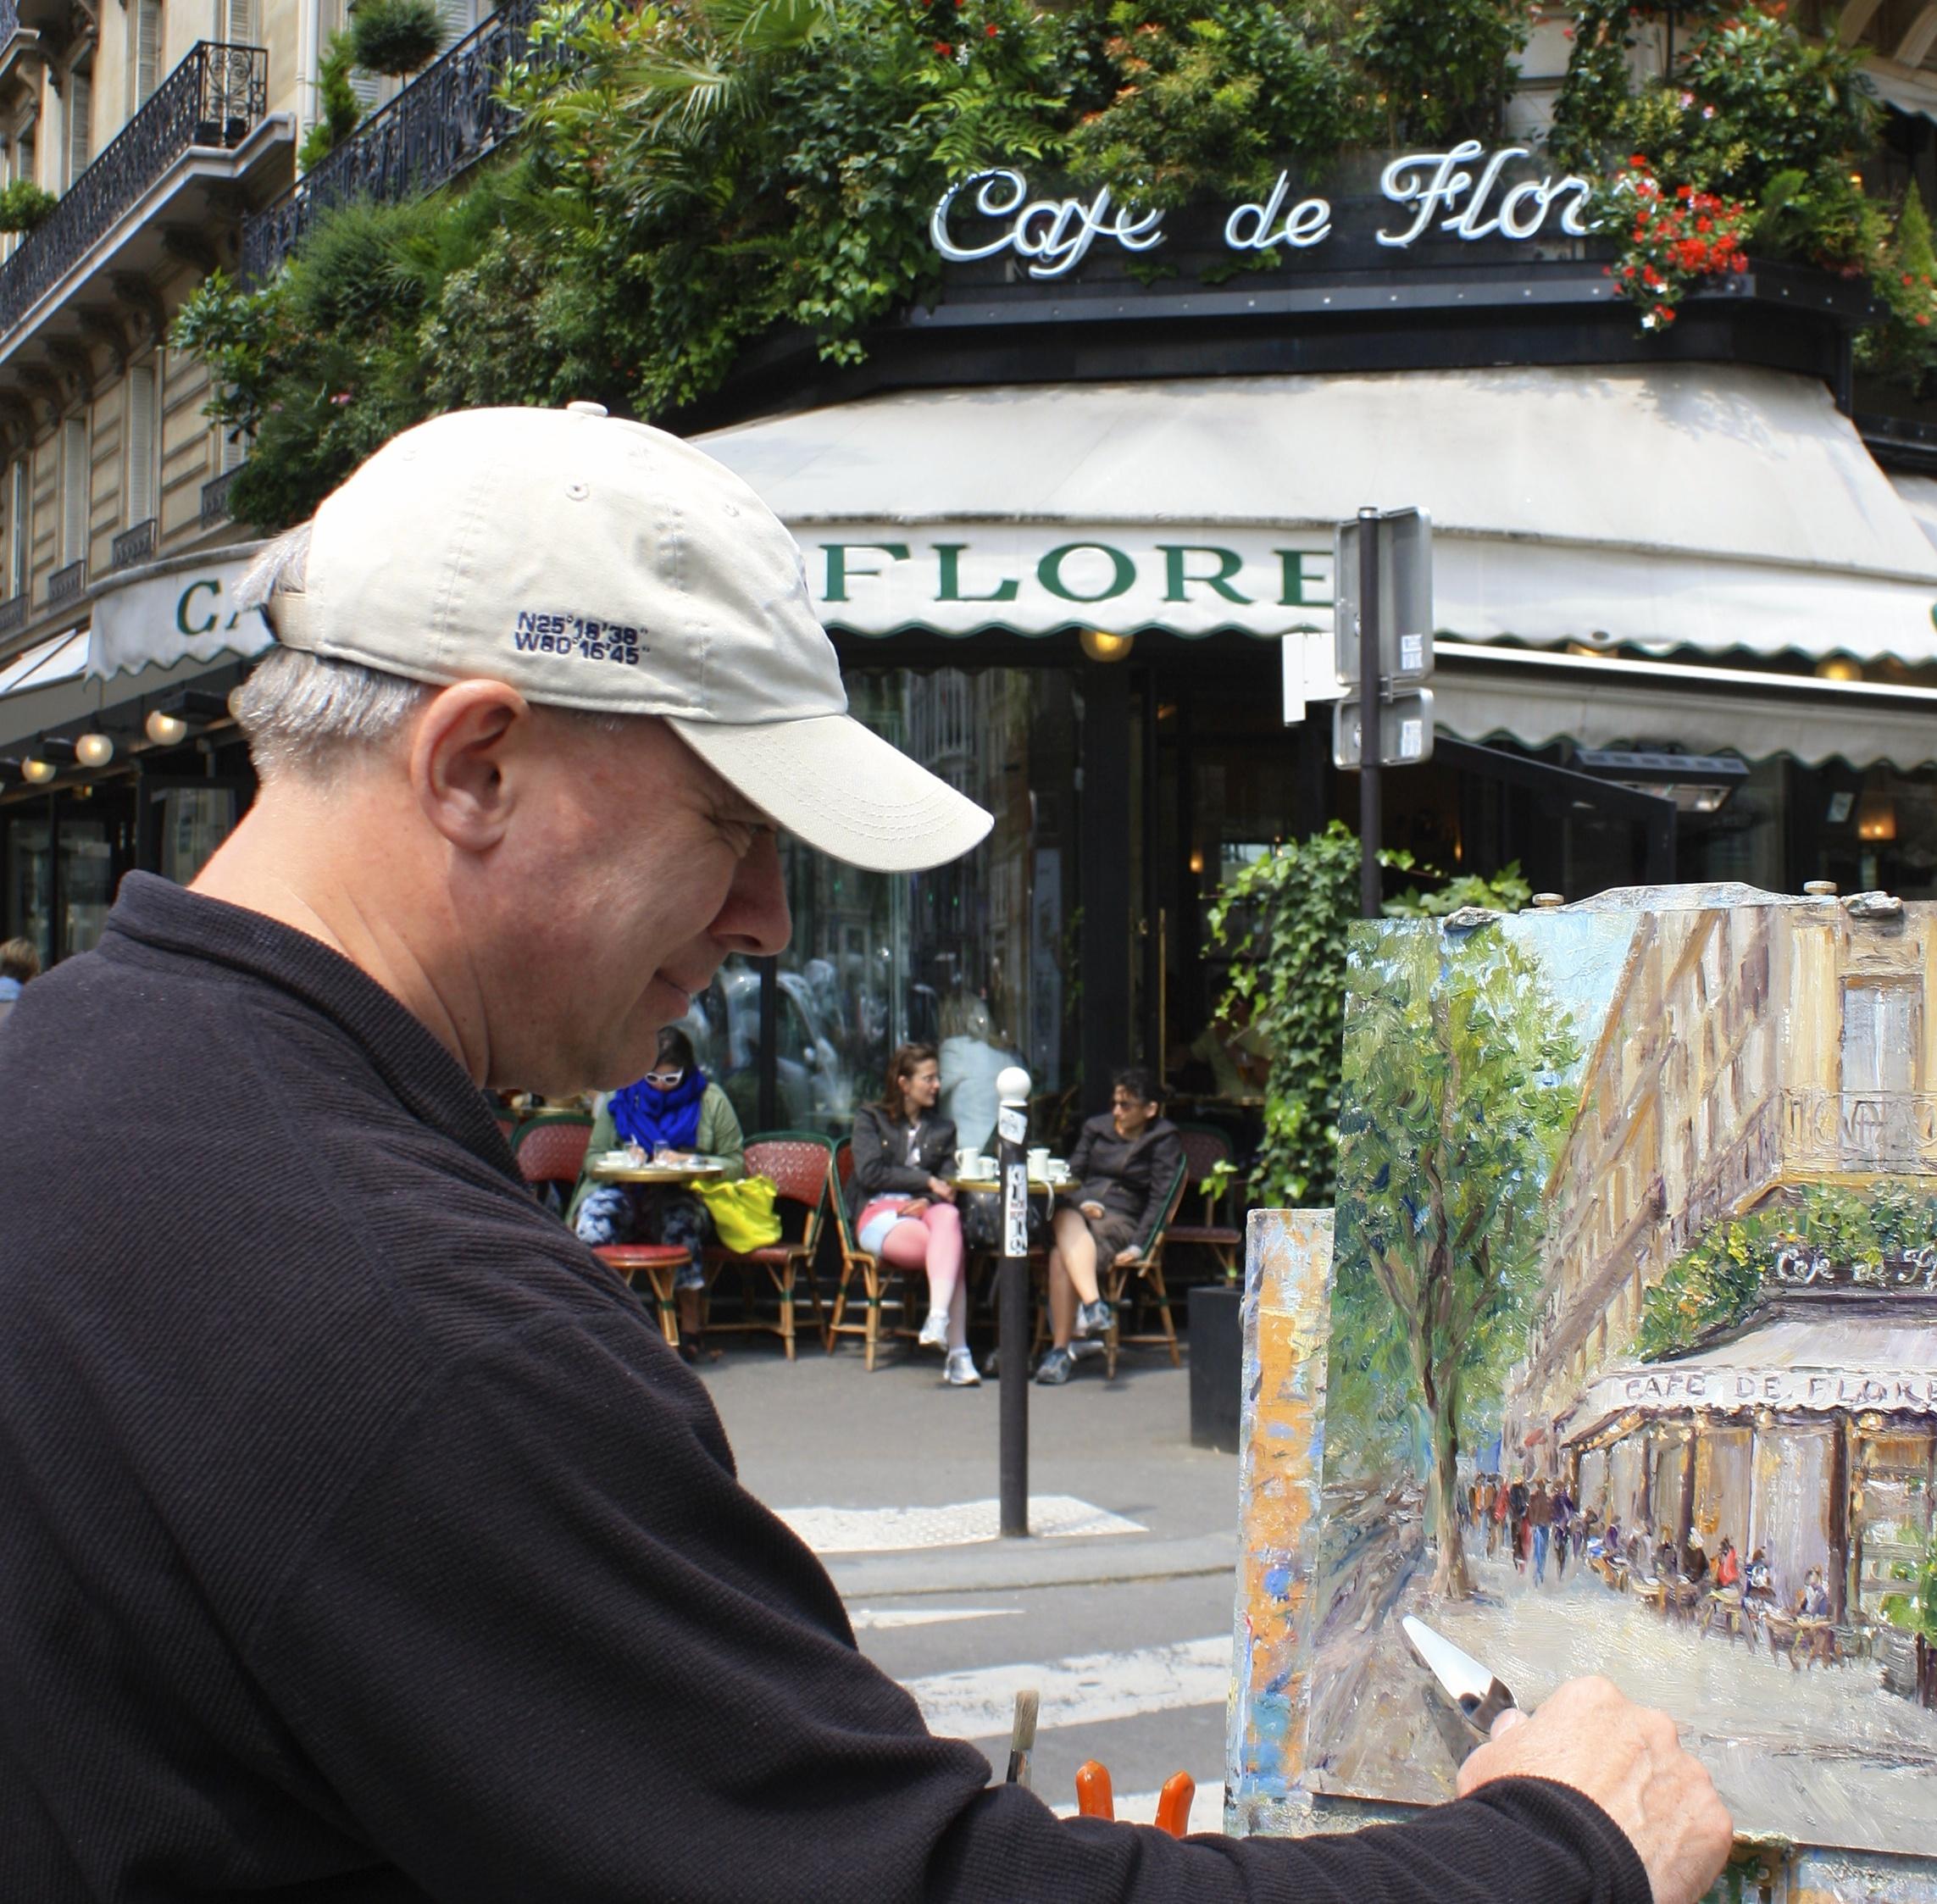 Daly Painting Cafe de Flore